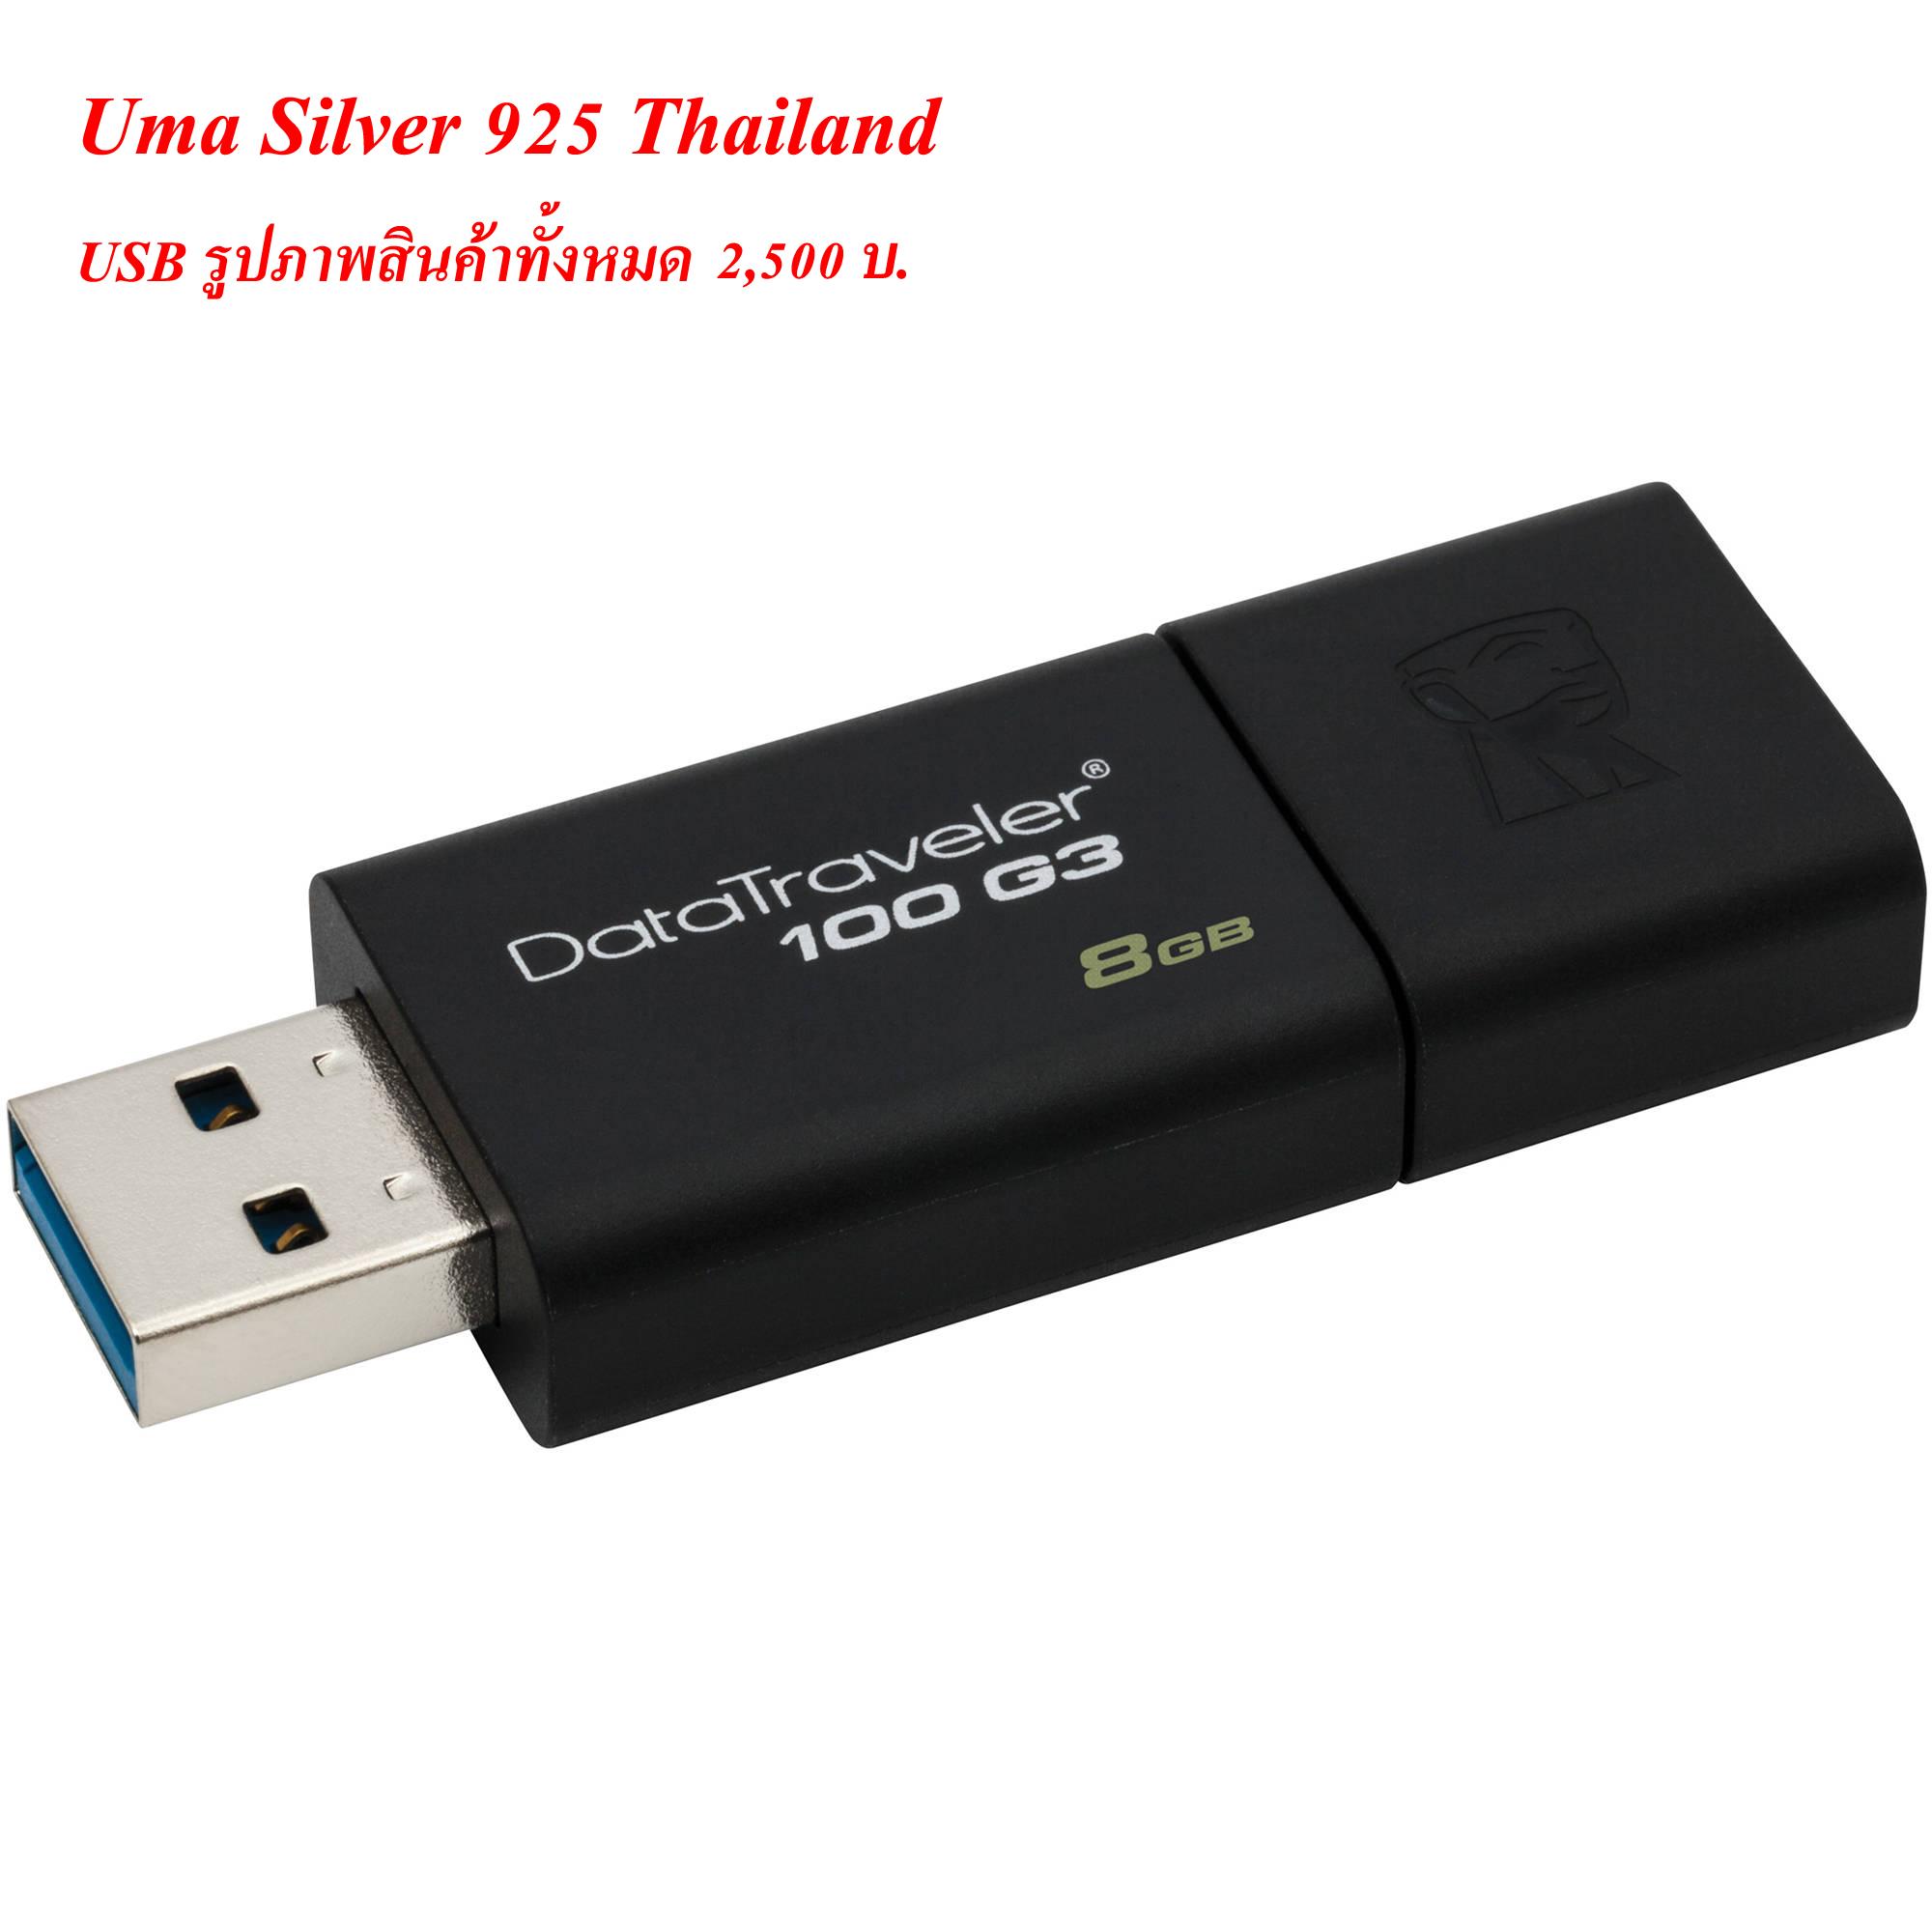 USB ไฟล์รูปสินค้า